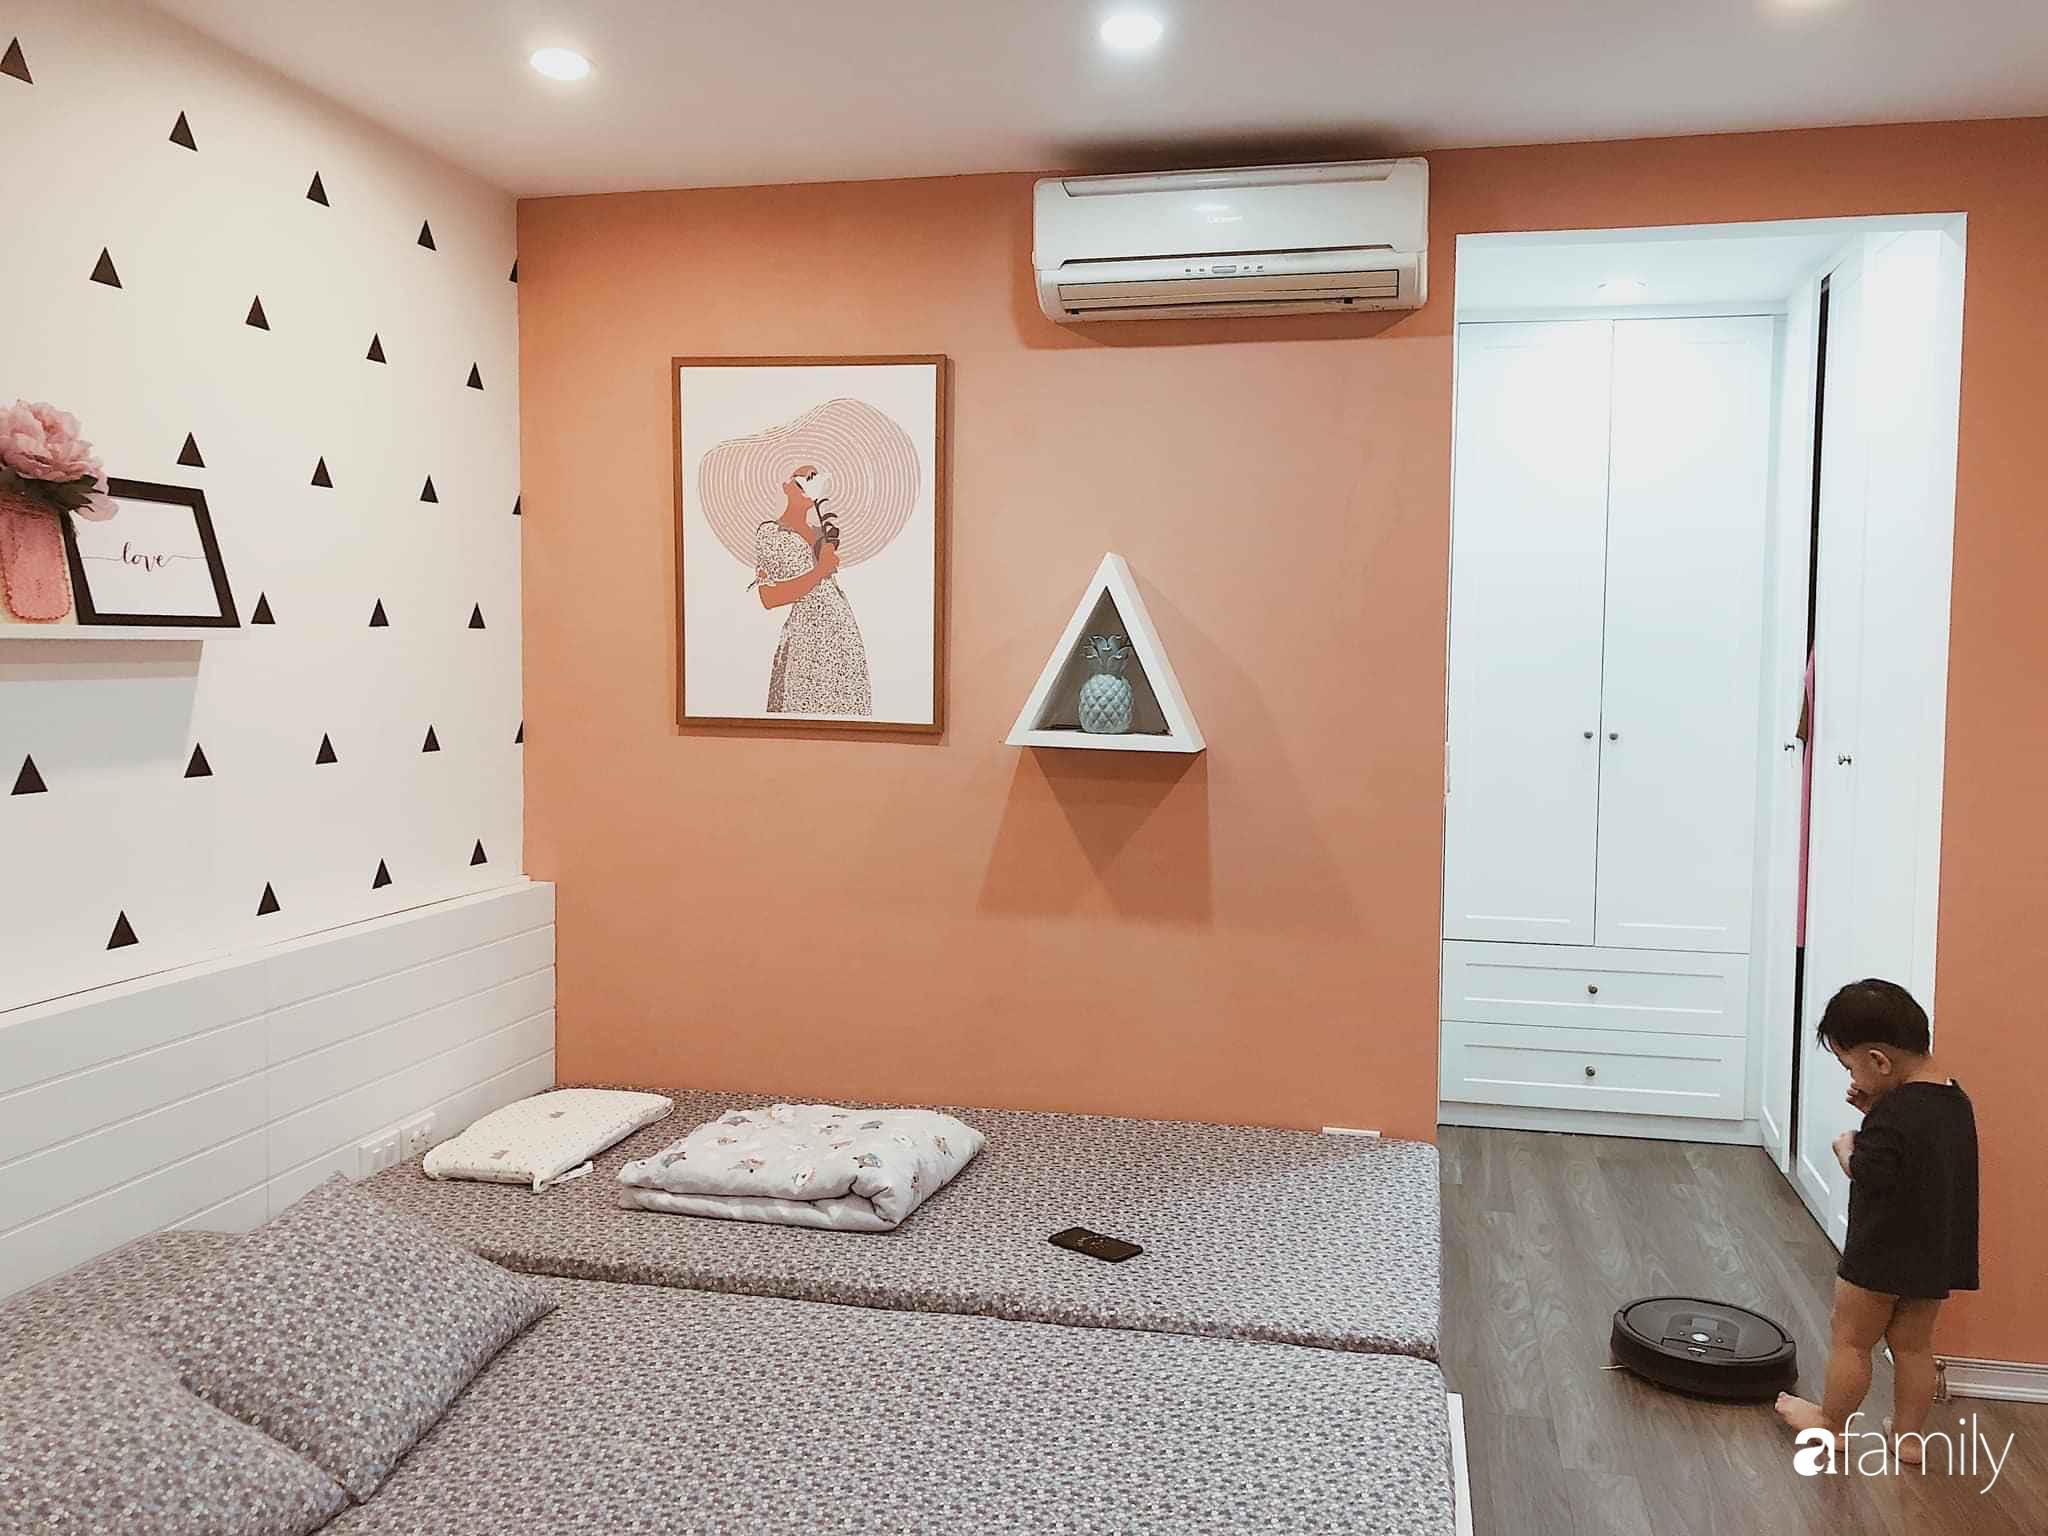 Căn hộ 145m² được décor ấn tượng với điểm nhấn màu xanh ngọc cùng tranh treo tường từ người phụ nữ yêu gia đình ở Hà Nội - Ảnh 16.